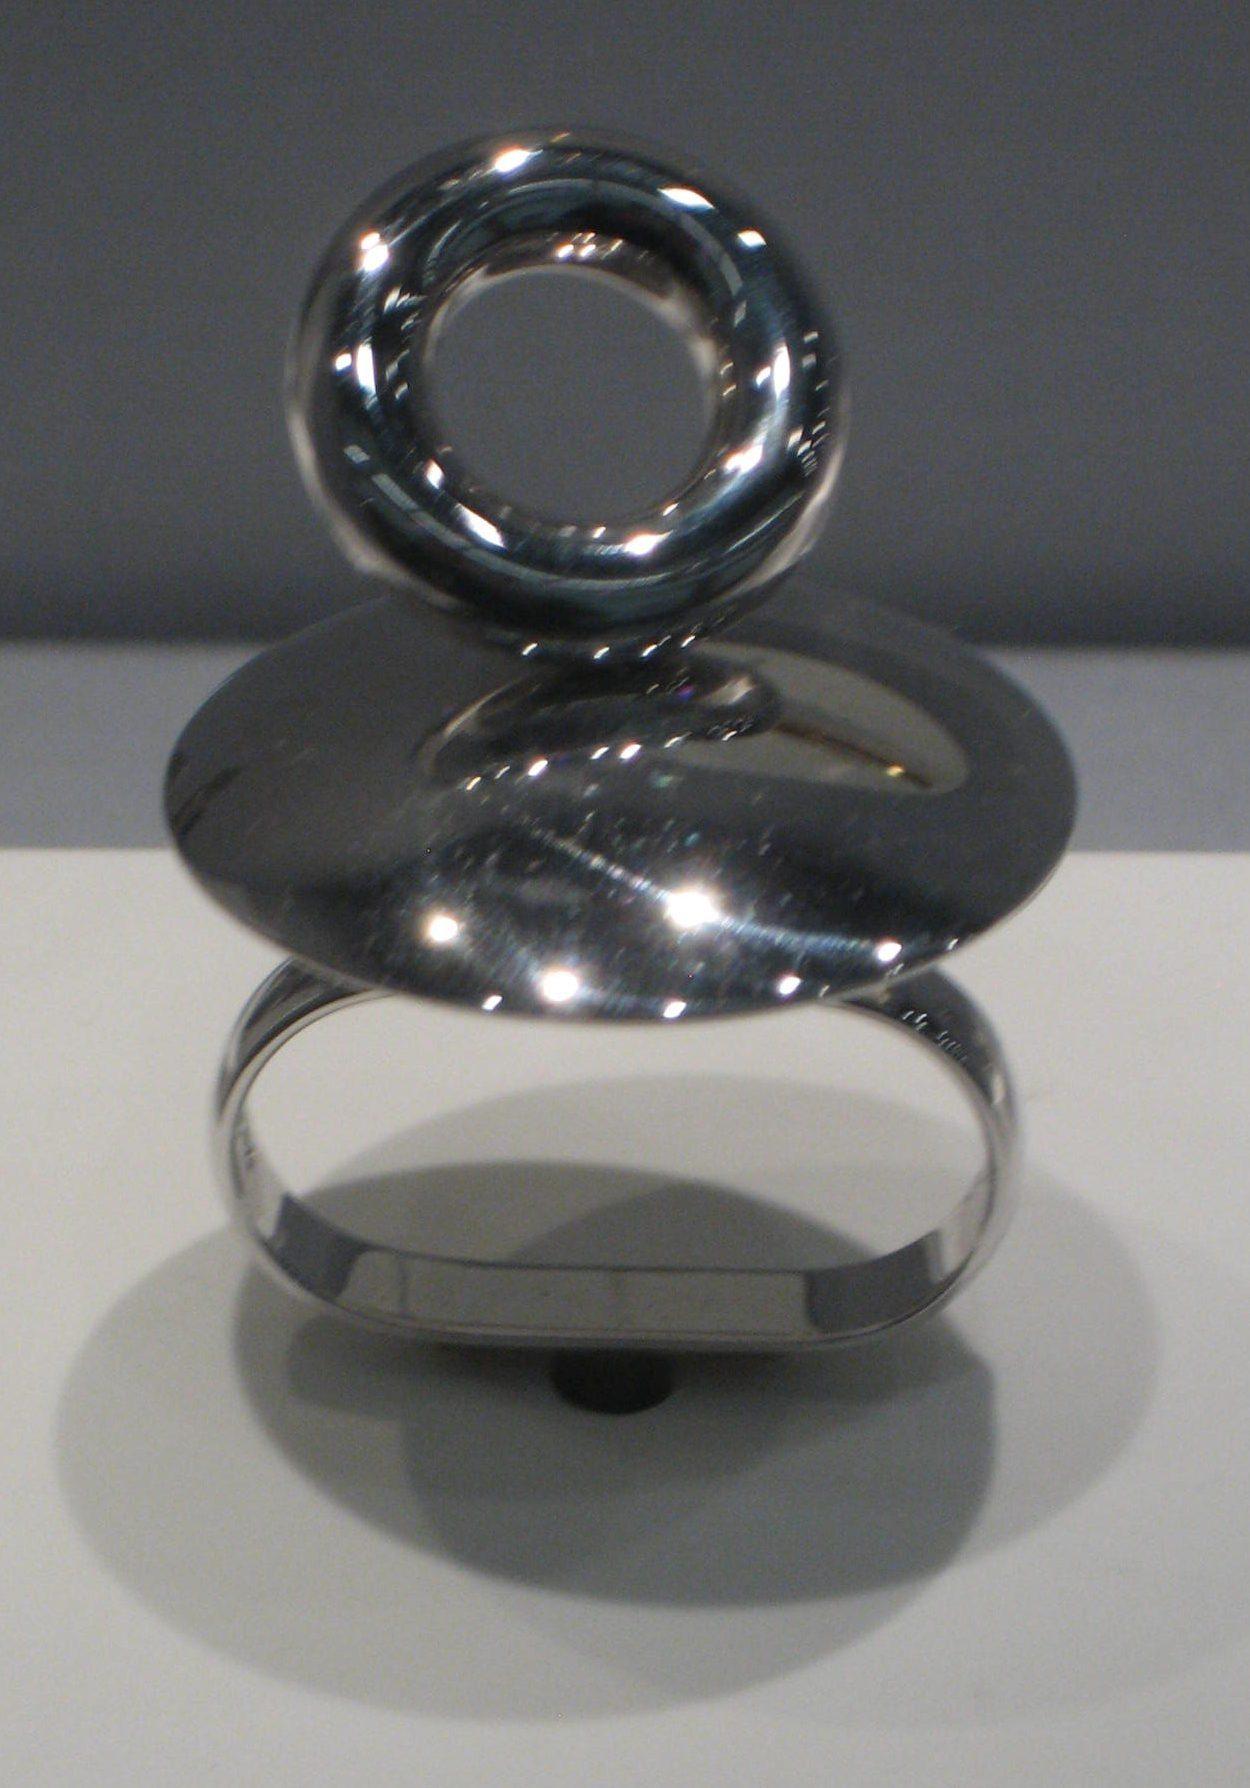 Friedrich Becker, ring. Collectie Schmuckmuseum Pforzheim. Foto Coert Peter Krabbe, mei 2019